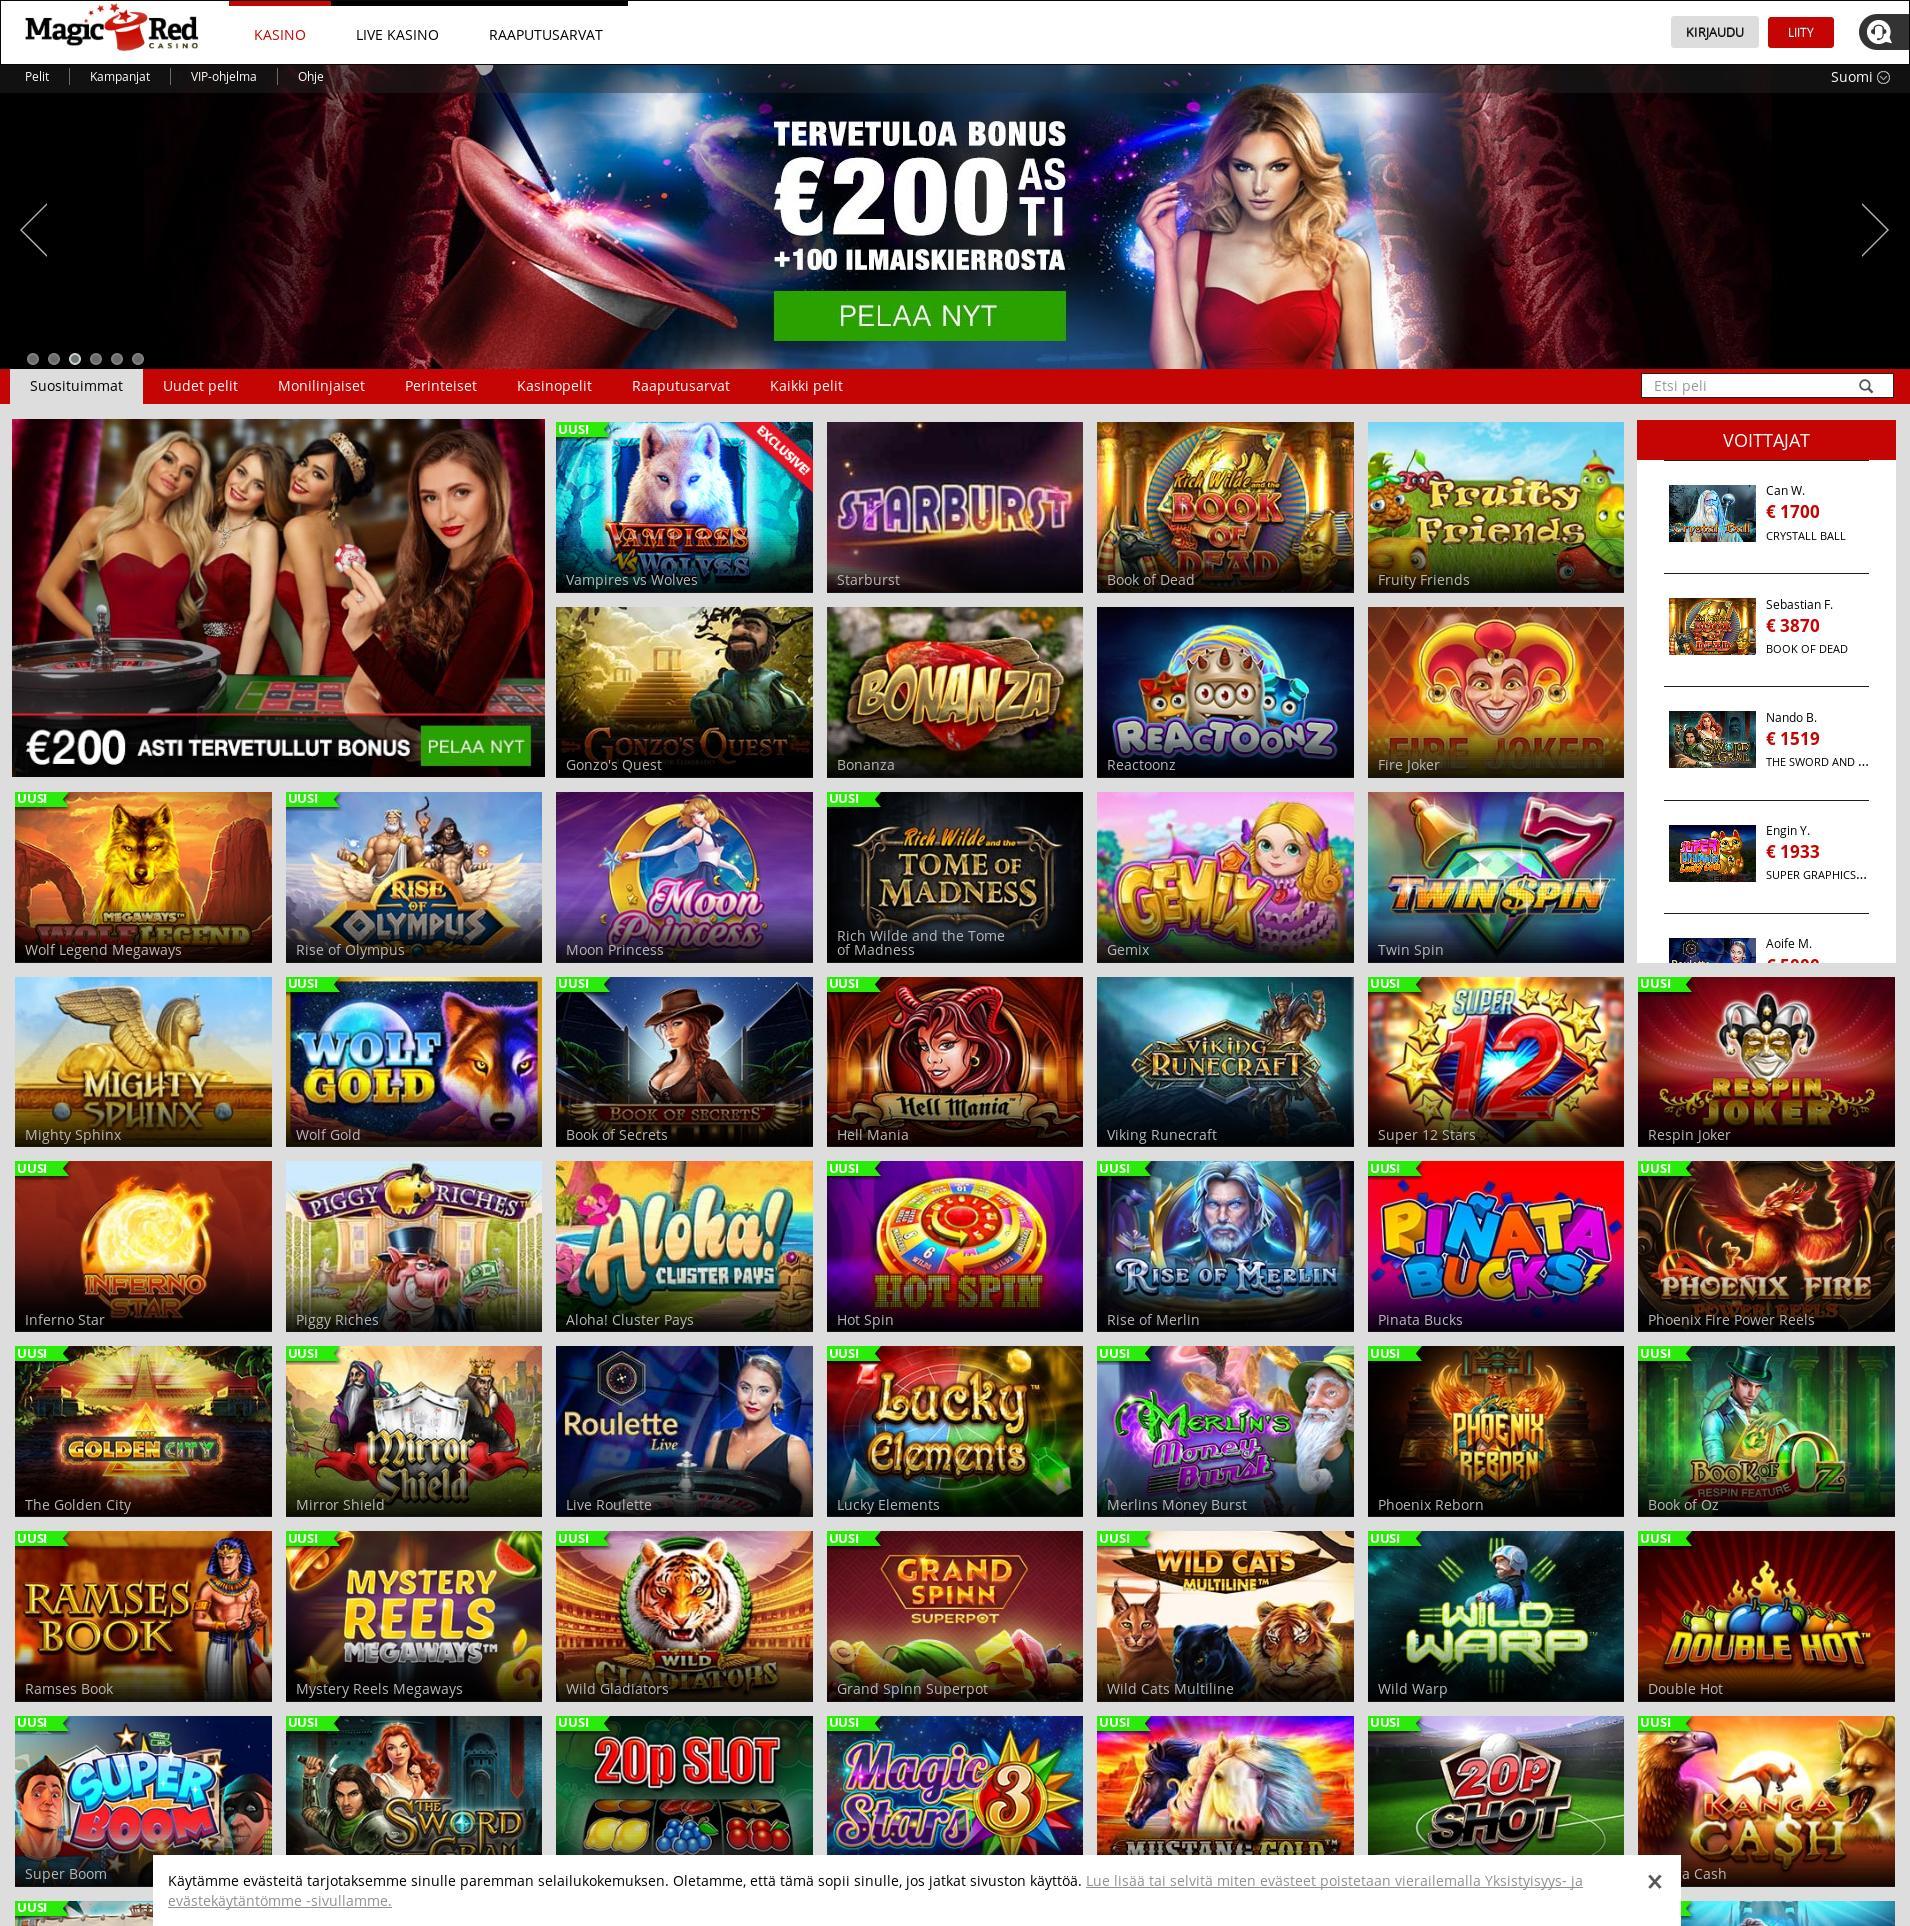 Casino-näyttö Lobby 2019-08-21 varten Suomi